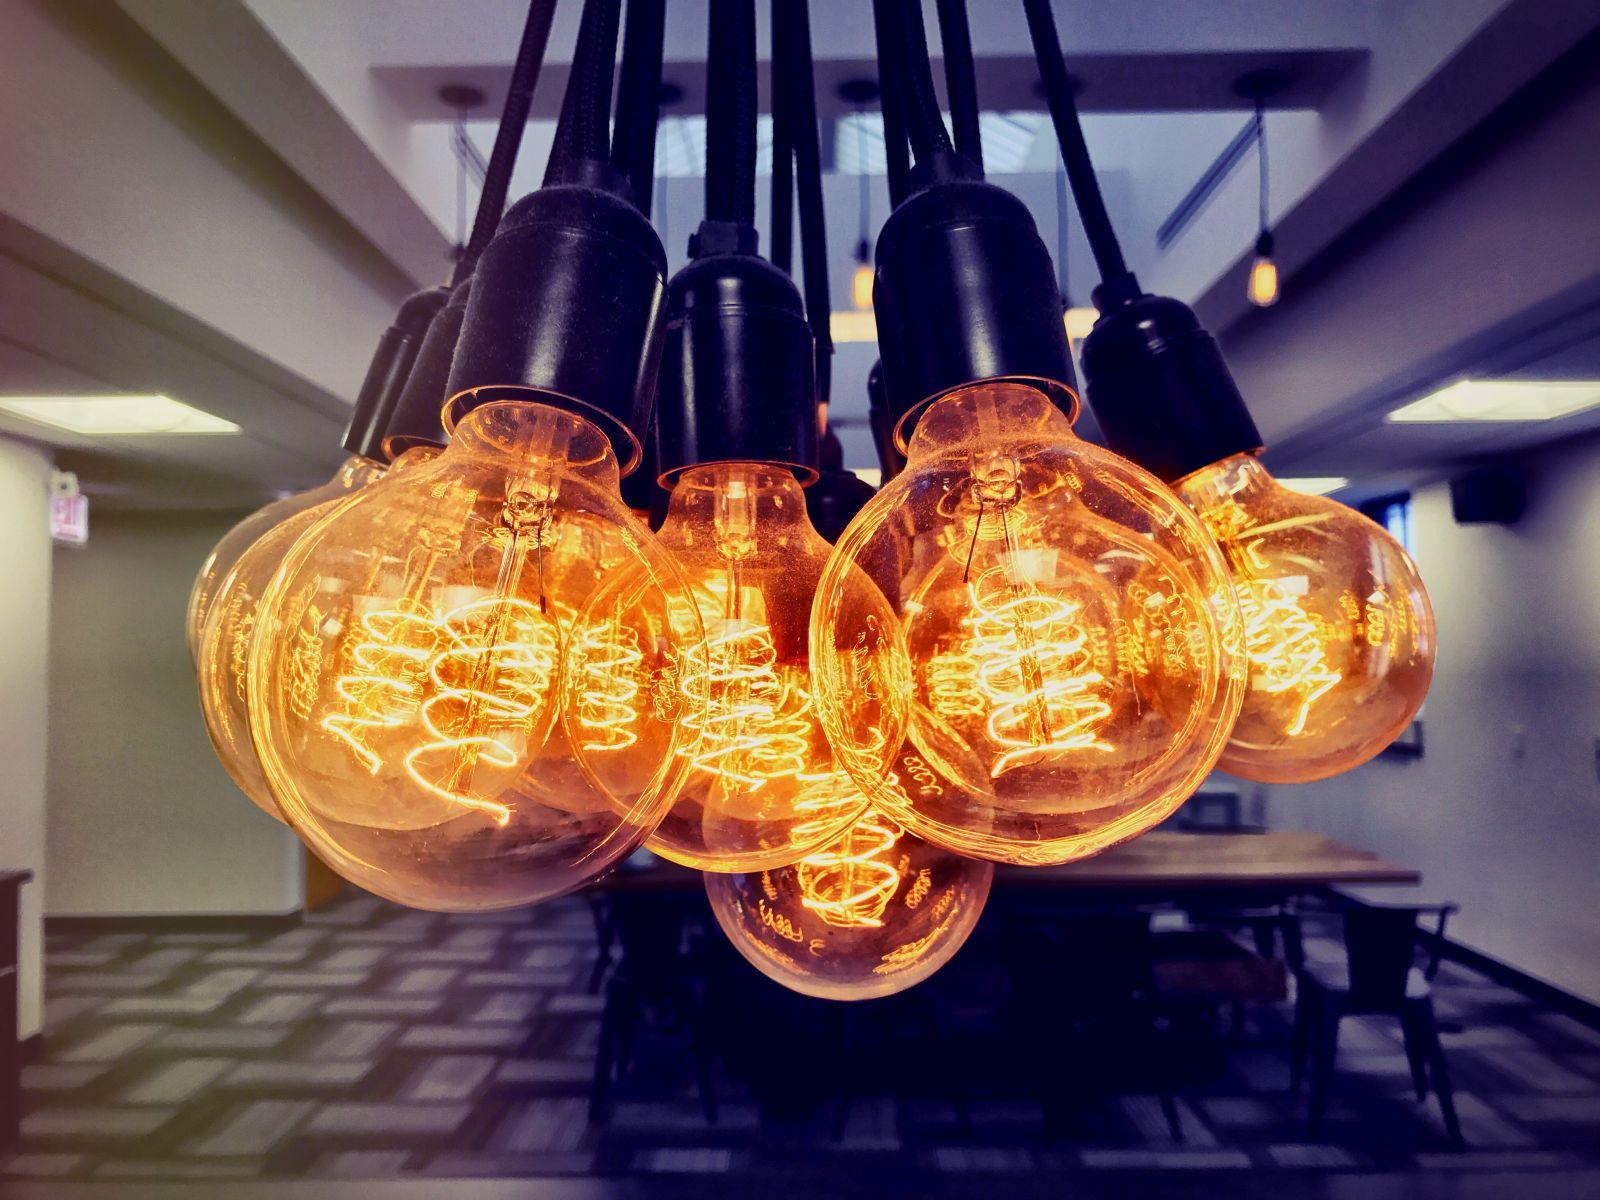 A flock of bulbs